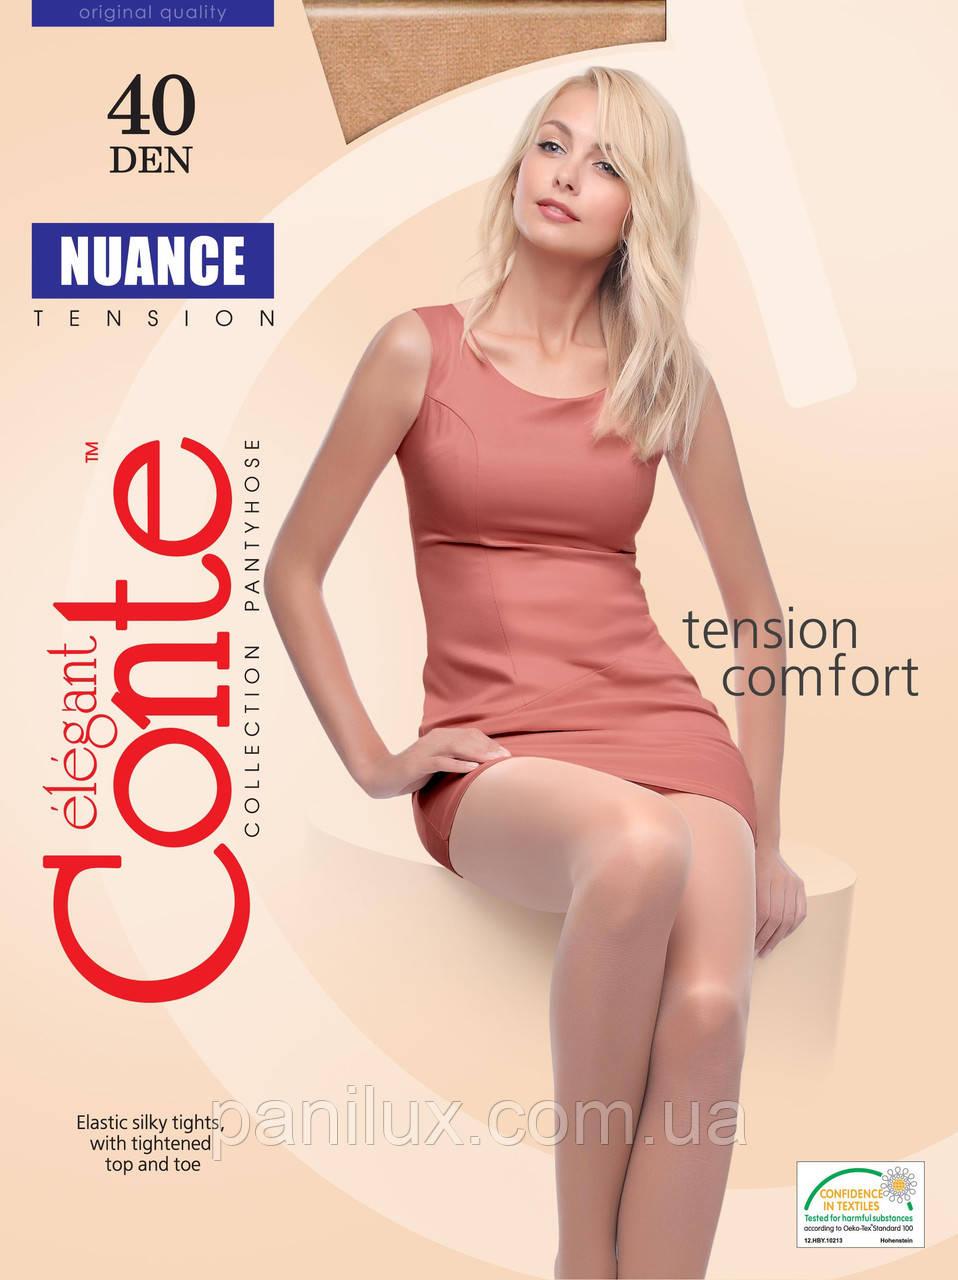 Колготки женские Сonte Nuance классические 40 DEN